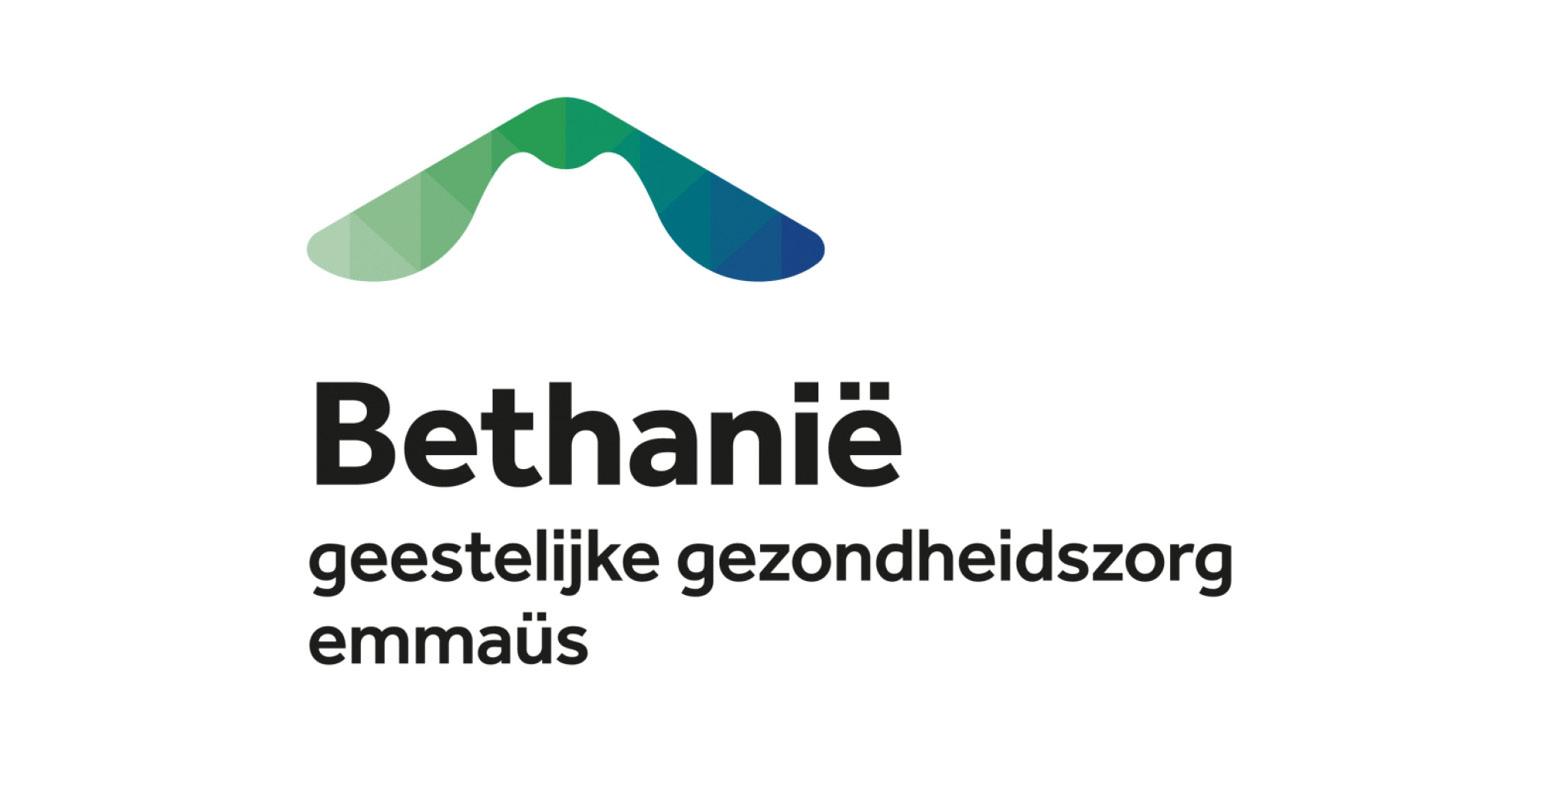 logo bethanie geestelijke gezondheidszorg emmaus